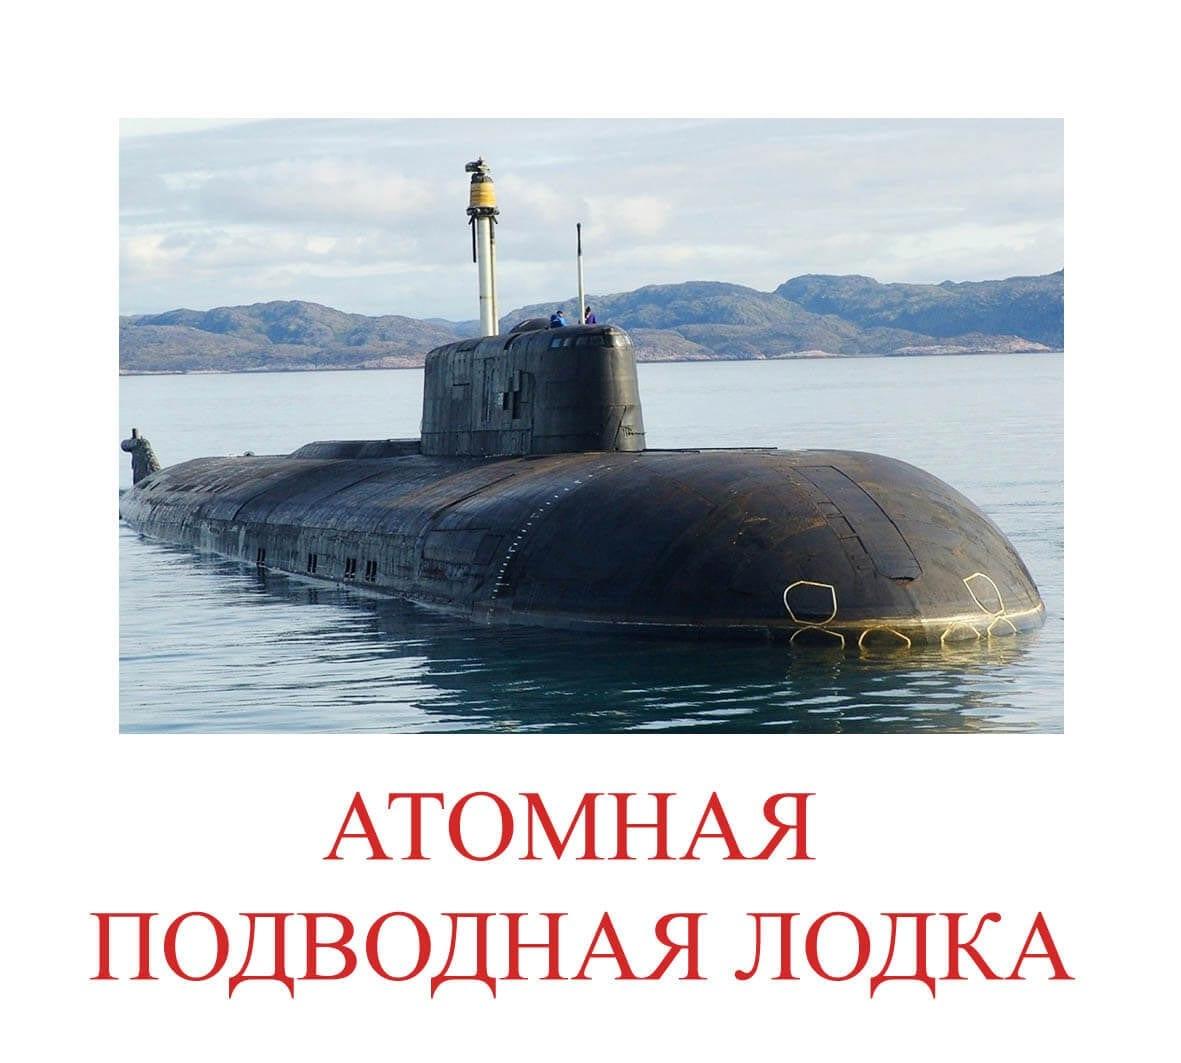 Атомная подводная лодка картинка